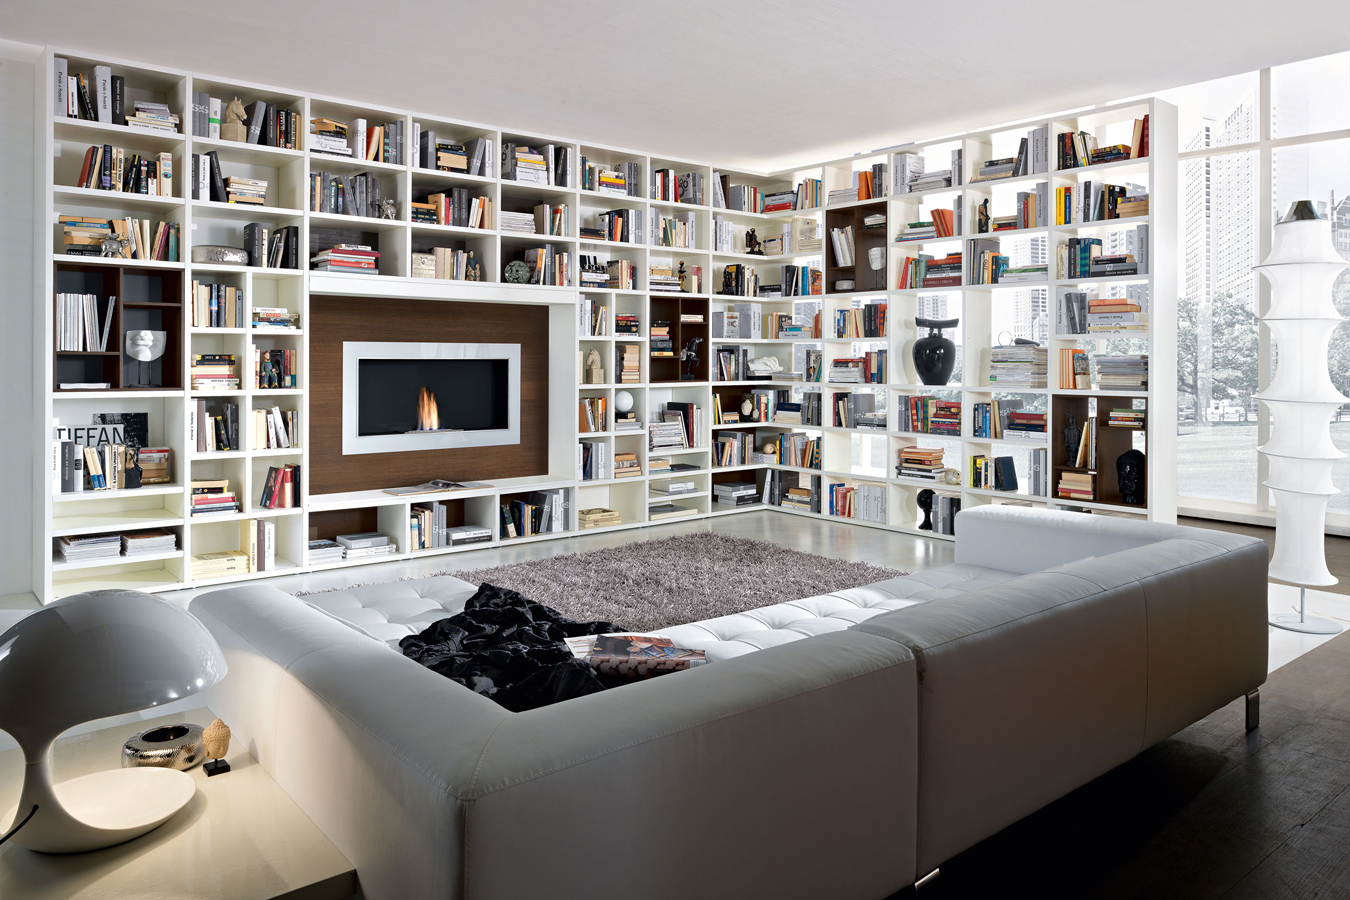 Libreria di KICO Arredamenti da righetti mobili a Novara